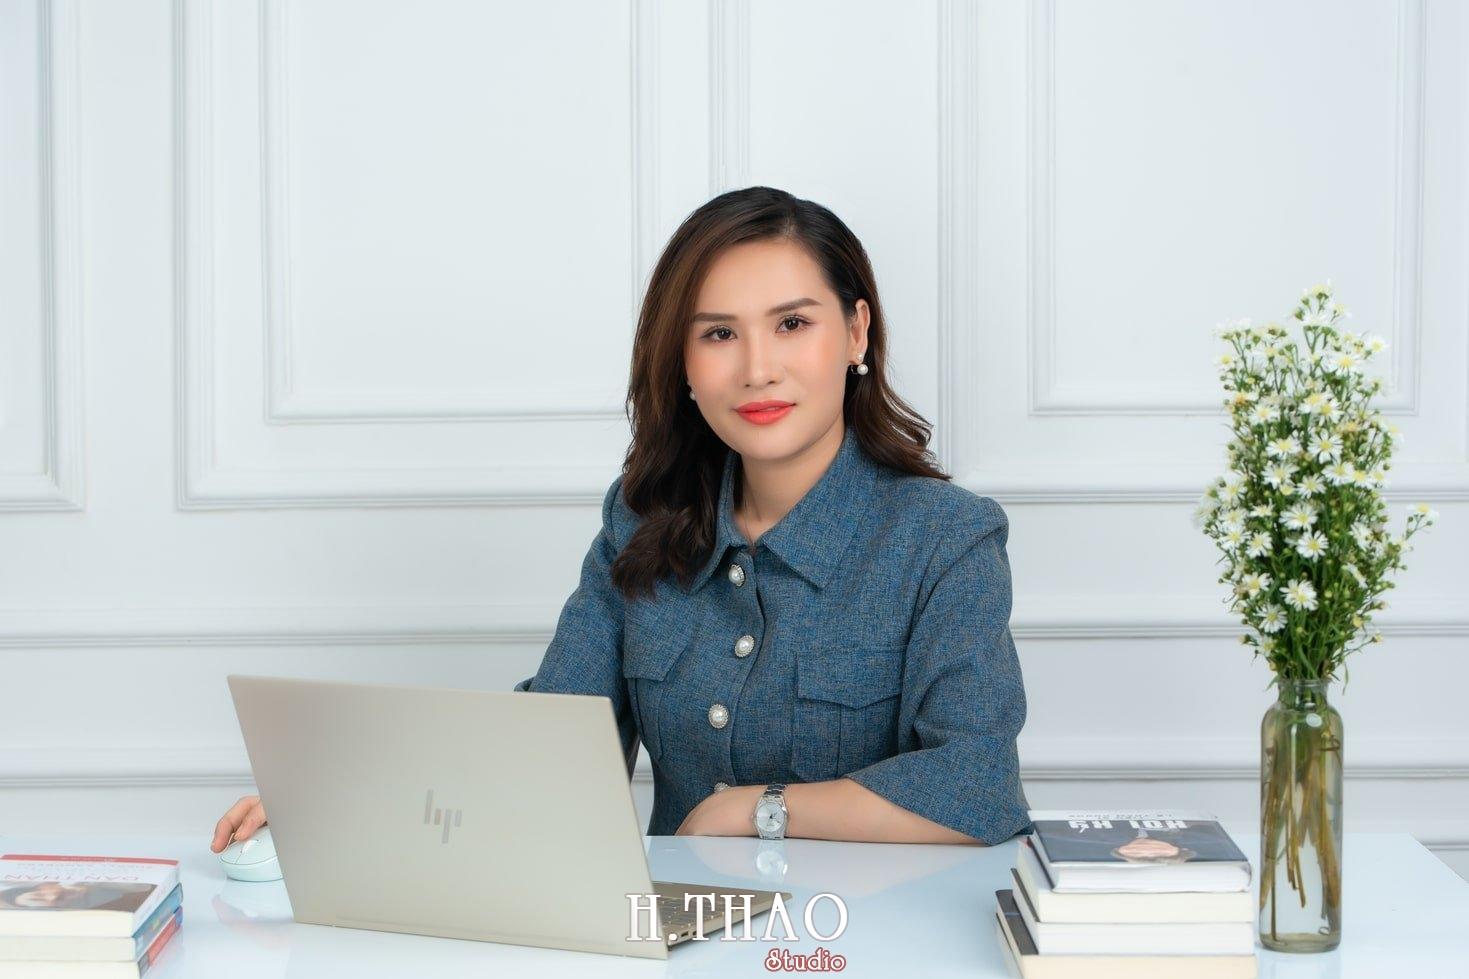 Doanh nhan nu 4 - Ảnh nữ doanh nhân bất động sản, phó TGĐ Express Ms.Nho – HThao Studio